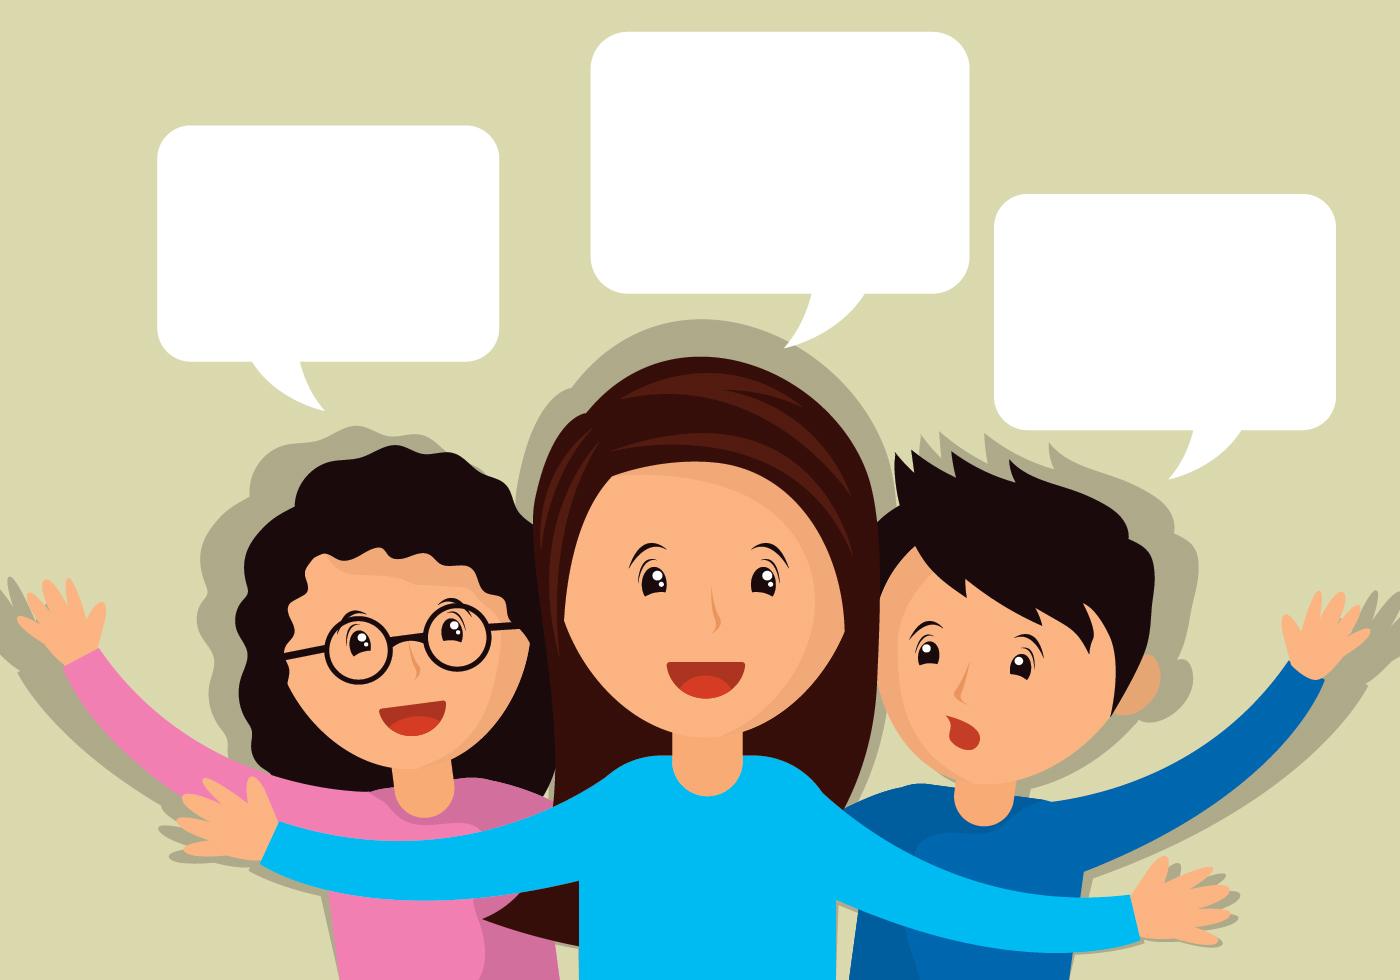 Ilustração de pessoas falando - Download Vetores Gratis, Desenhos ...